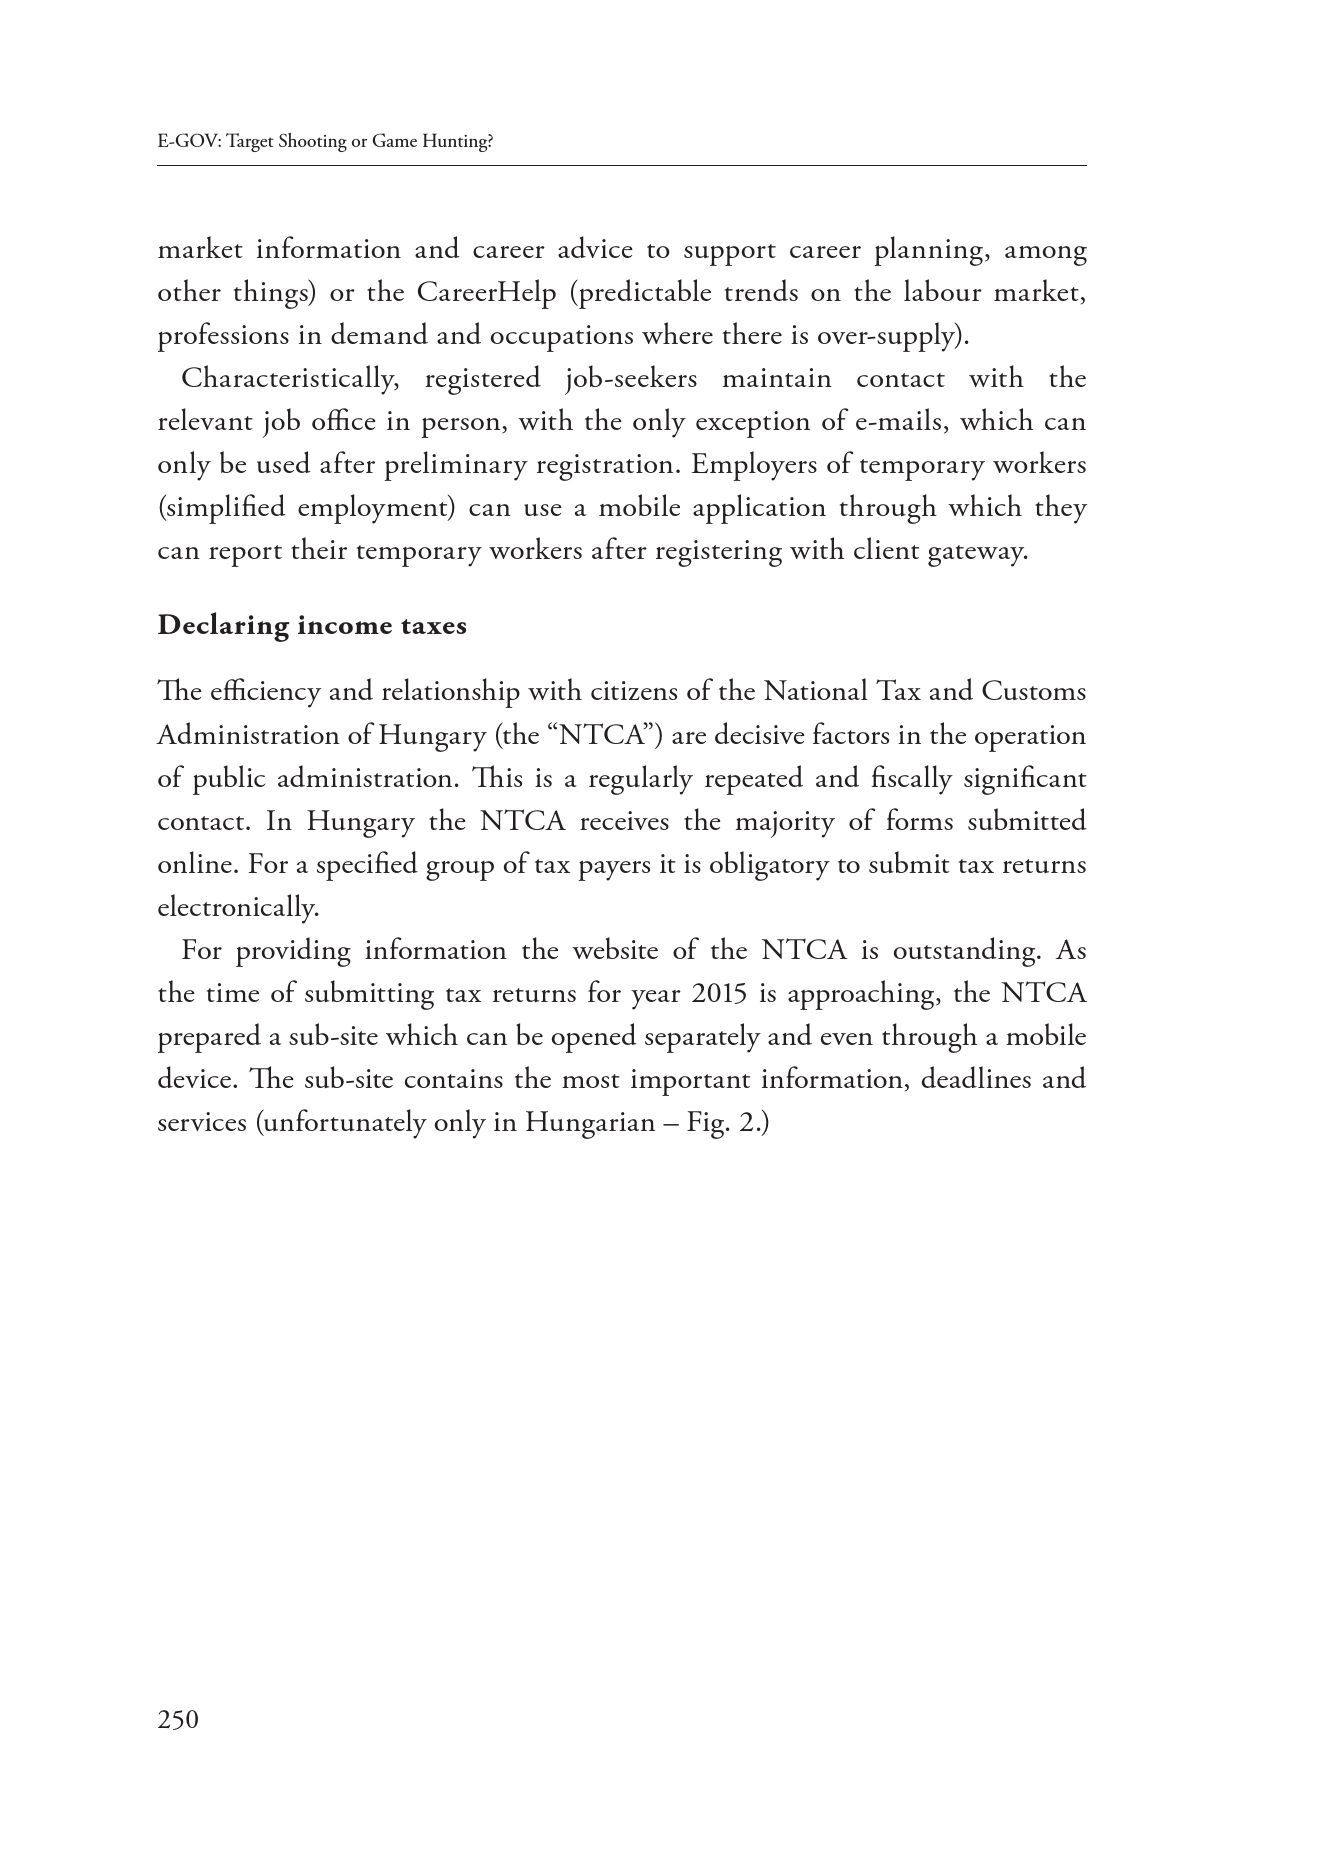 külföldi bináris opciós stratégiák bináris opciós tanácsadó nagykereskedő